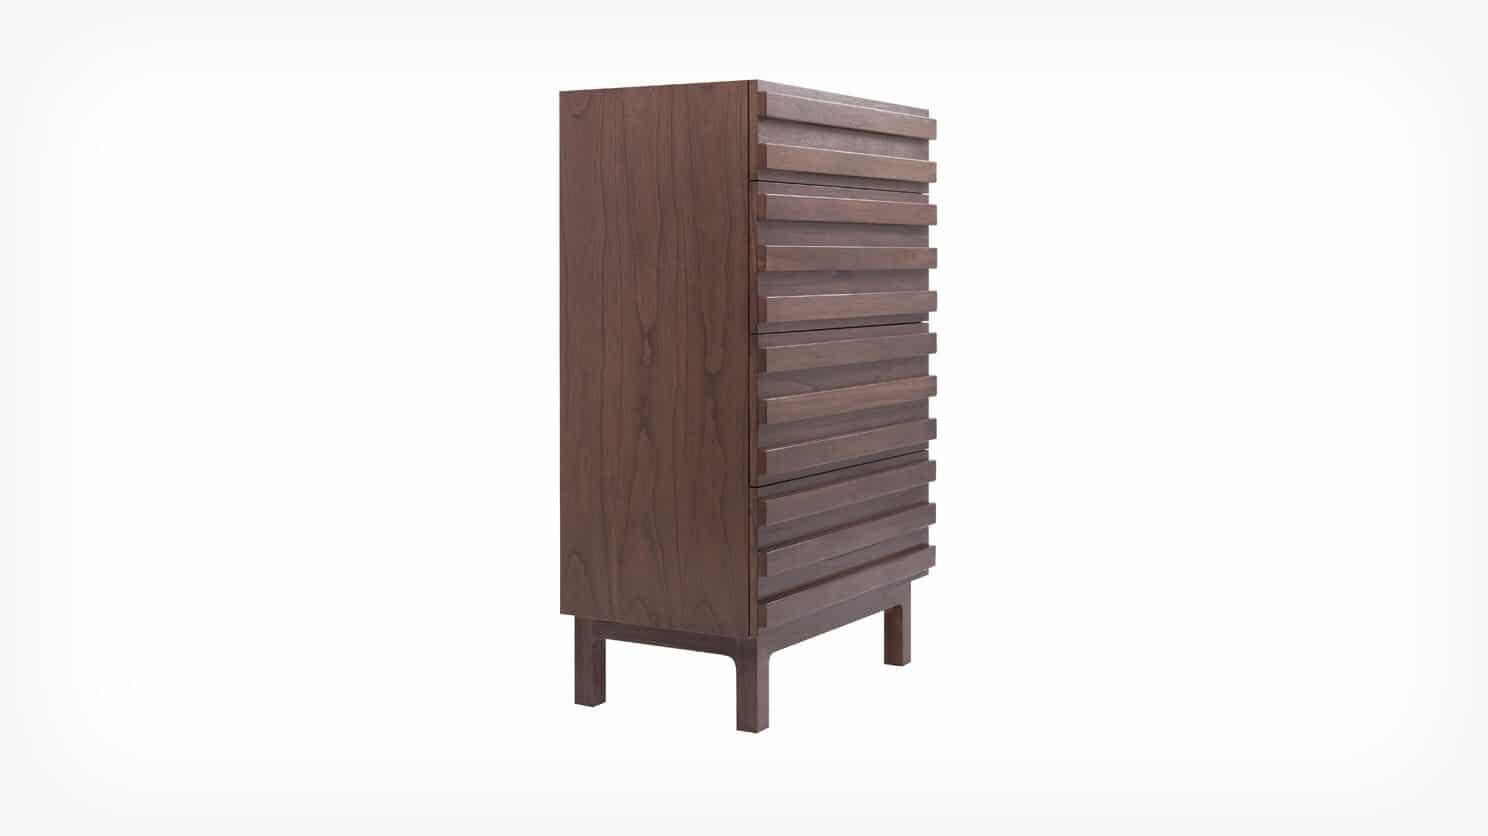 5080 437 14 par 3 chests burrows chest java corner